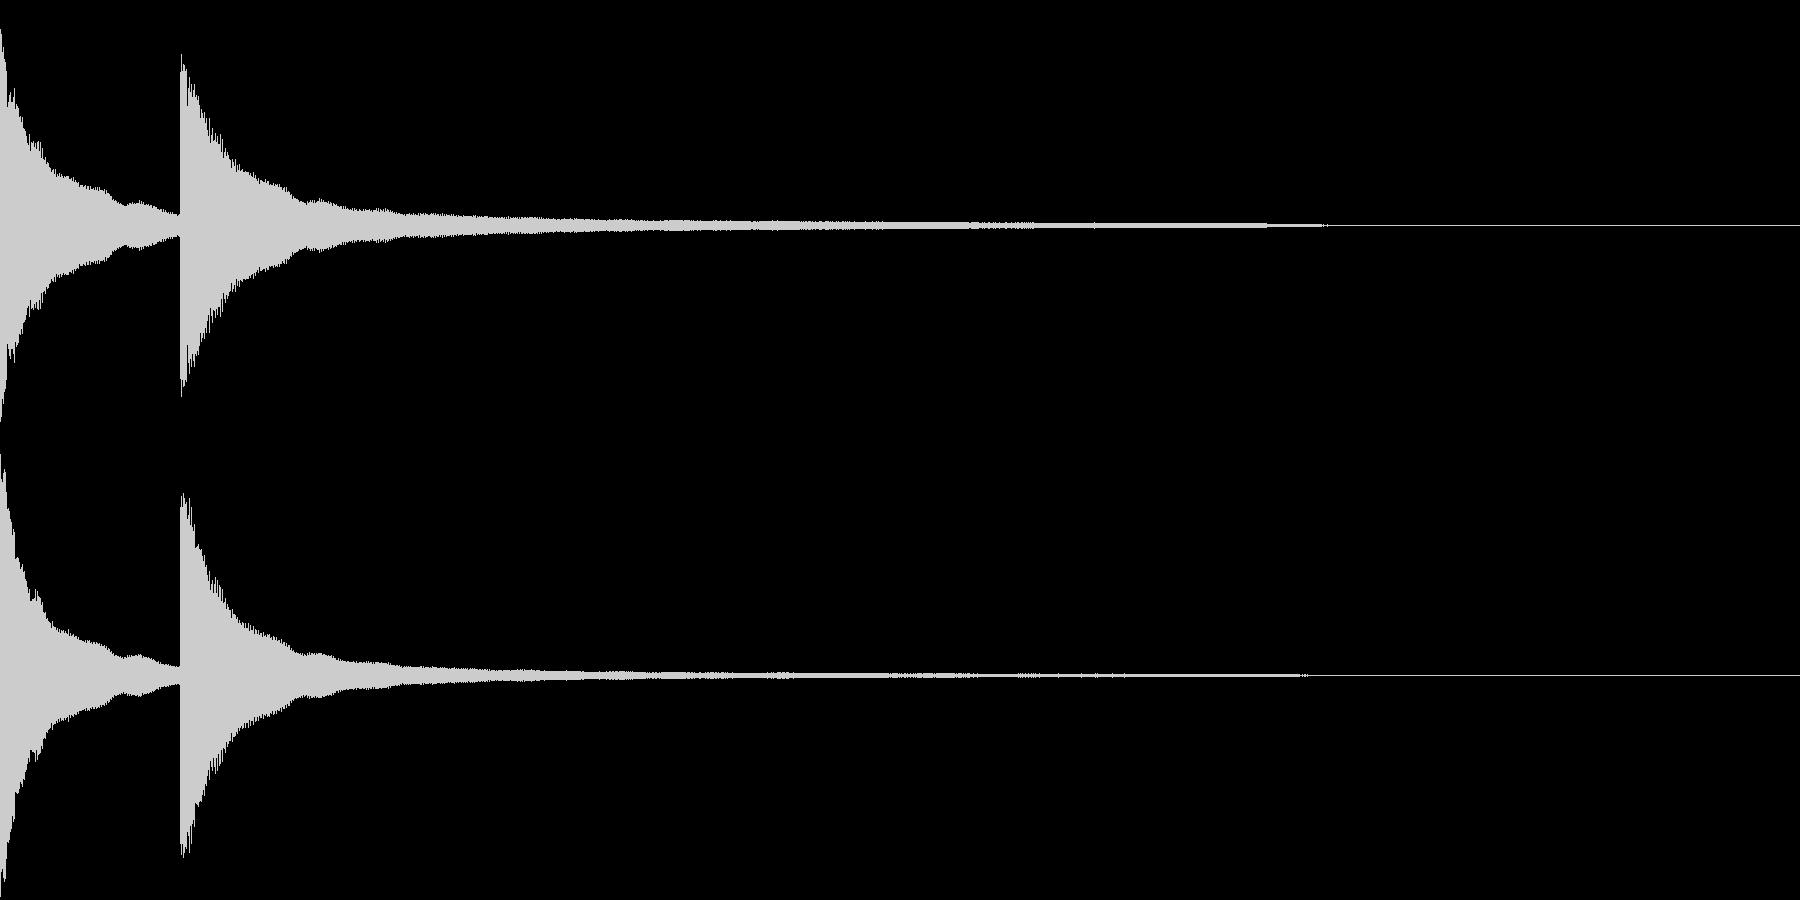 カーンカーン 西洋の鐘の音3の未再生の波形